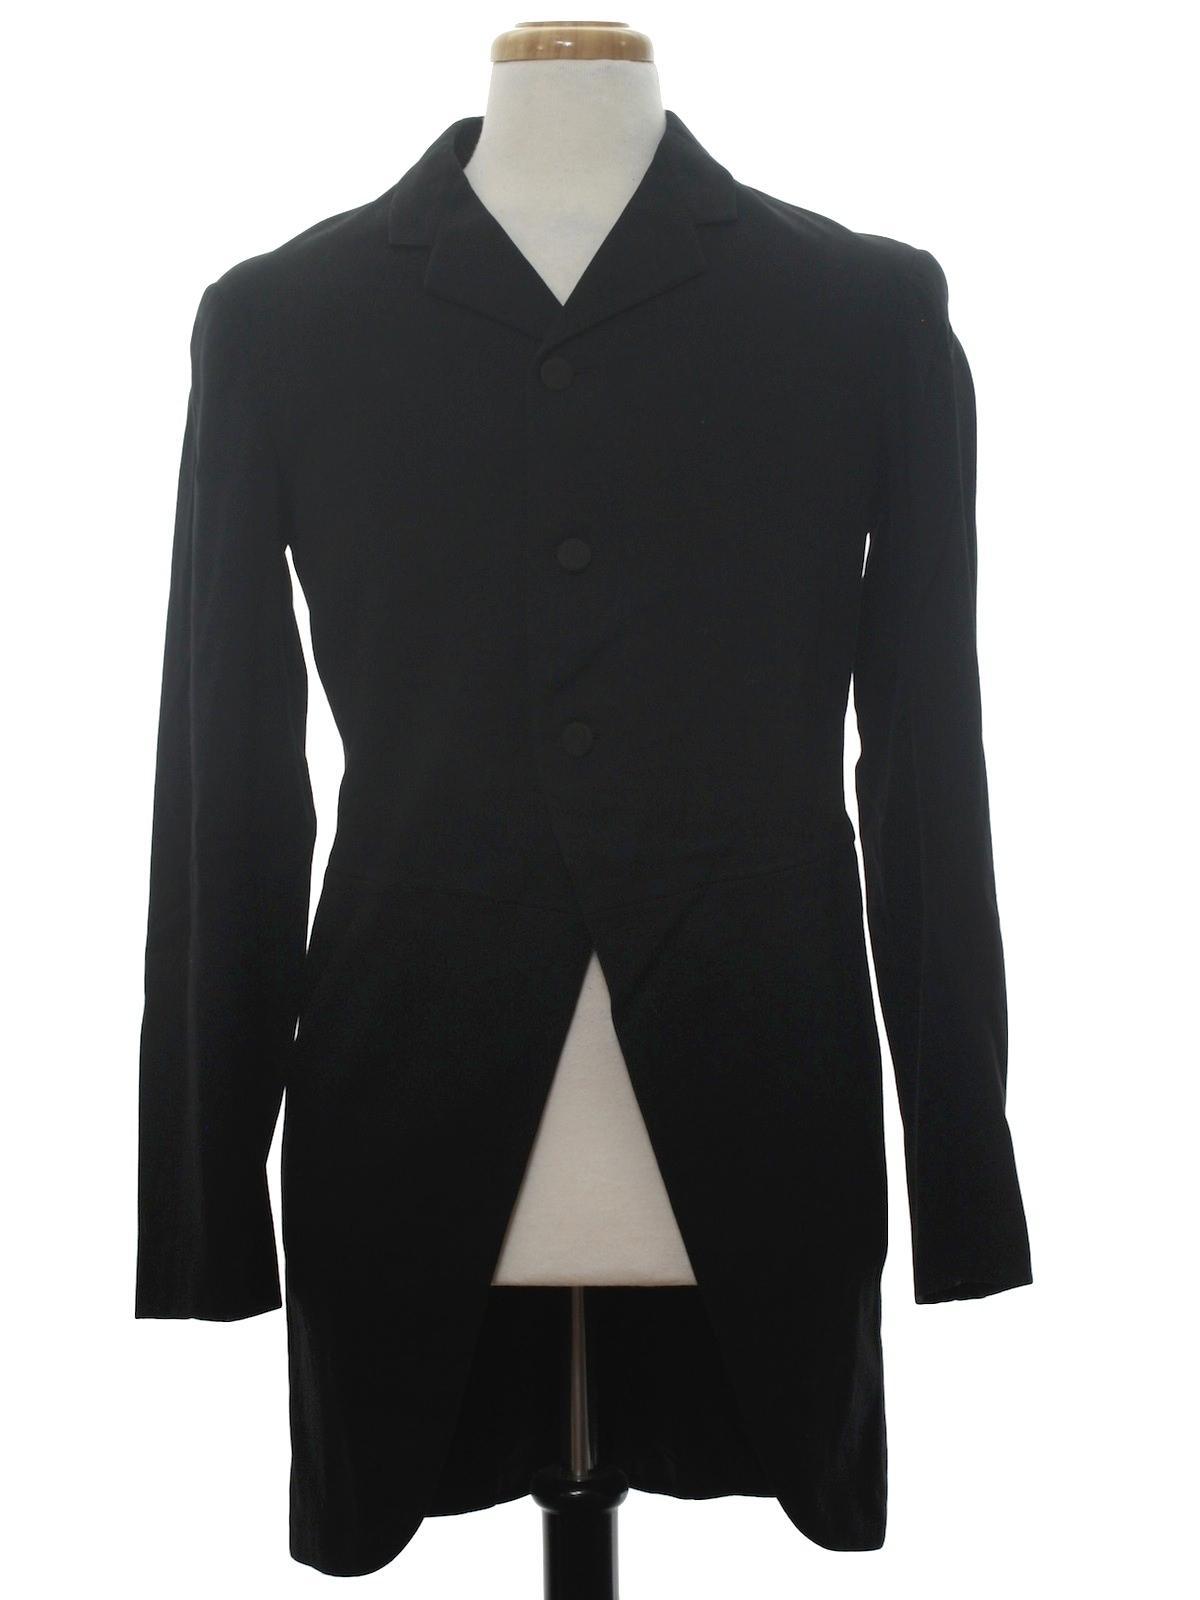 1920 S Retro Jacket Pre 1920s 1880s No Label Mens